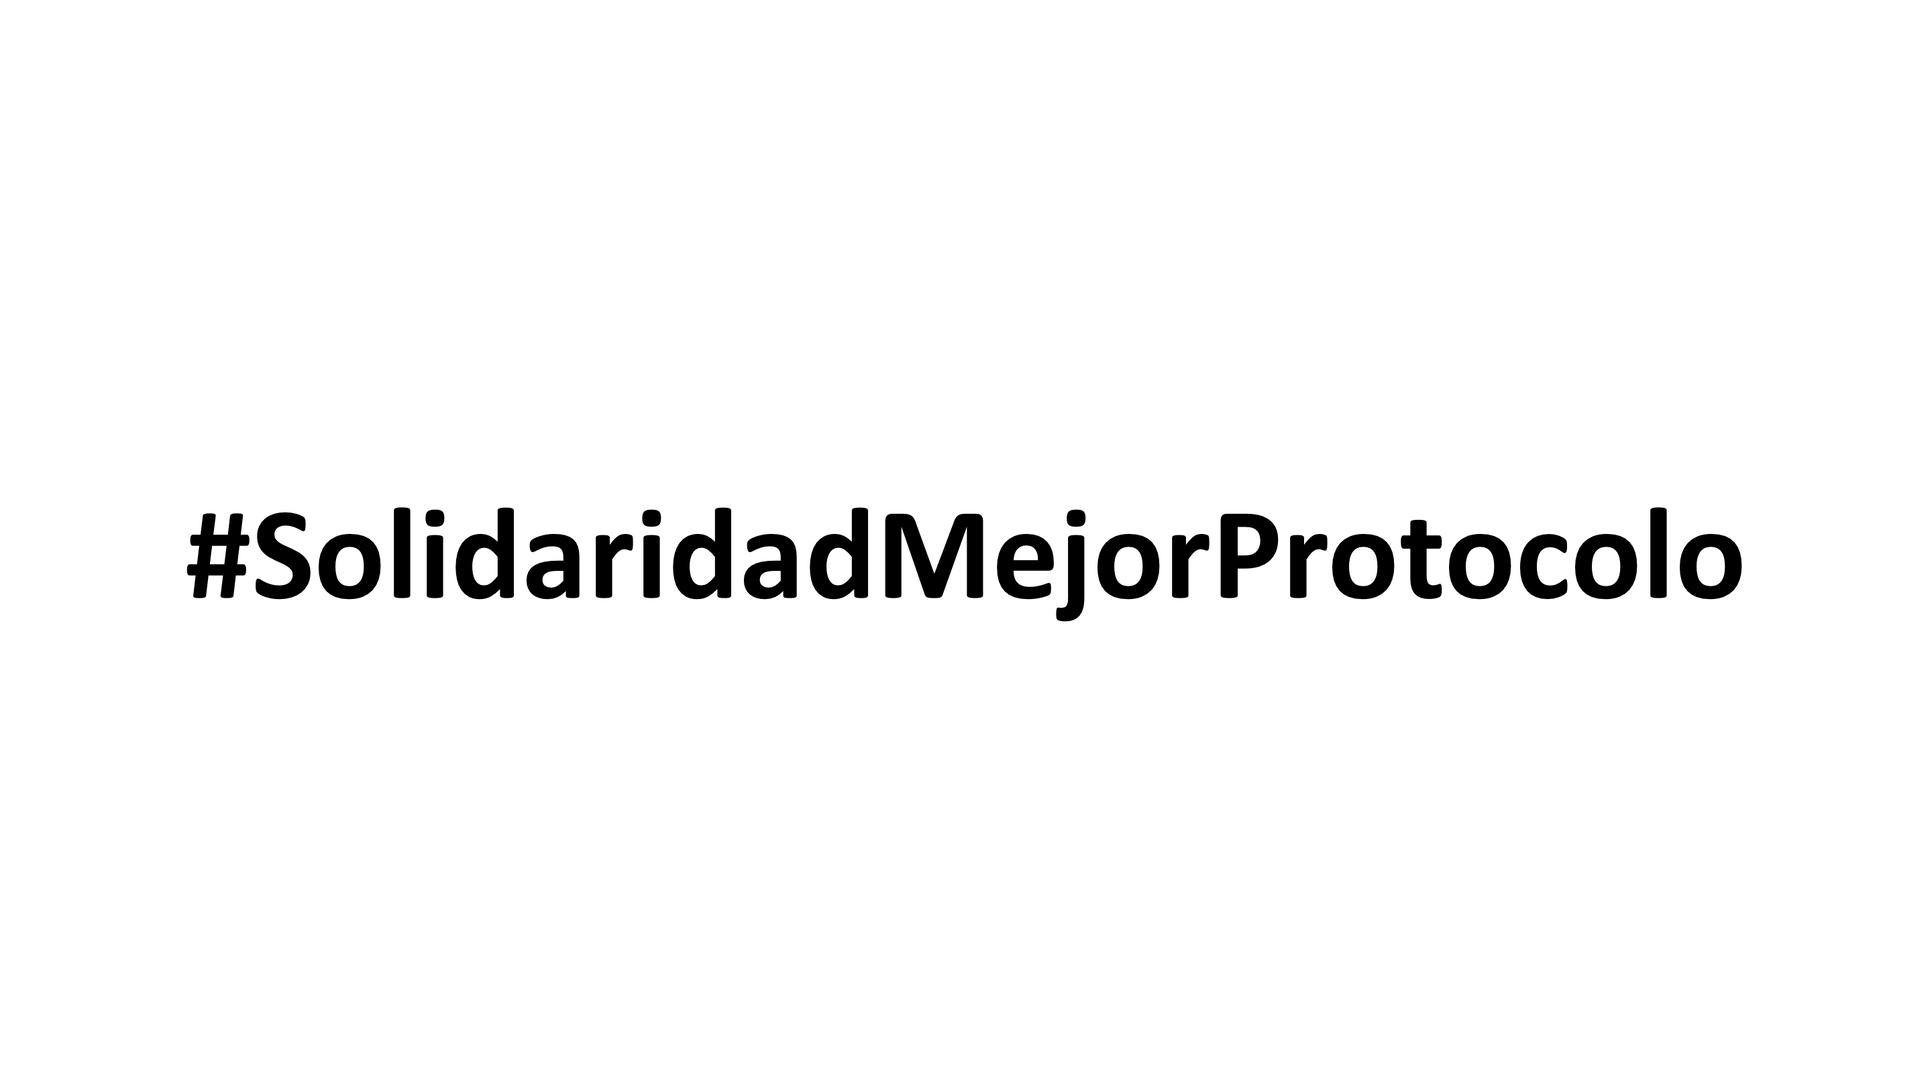 #SolidaridadMejorProtocolo.png